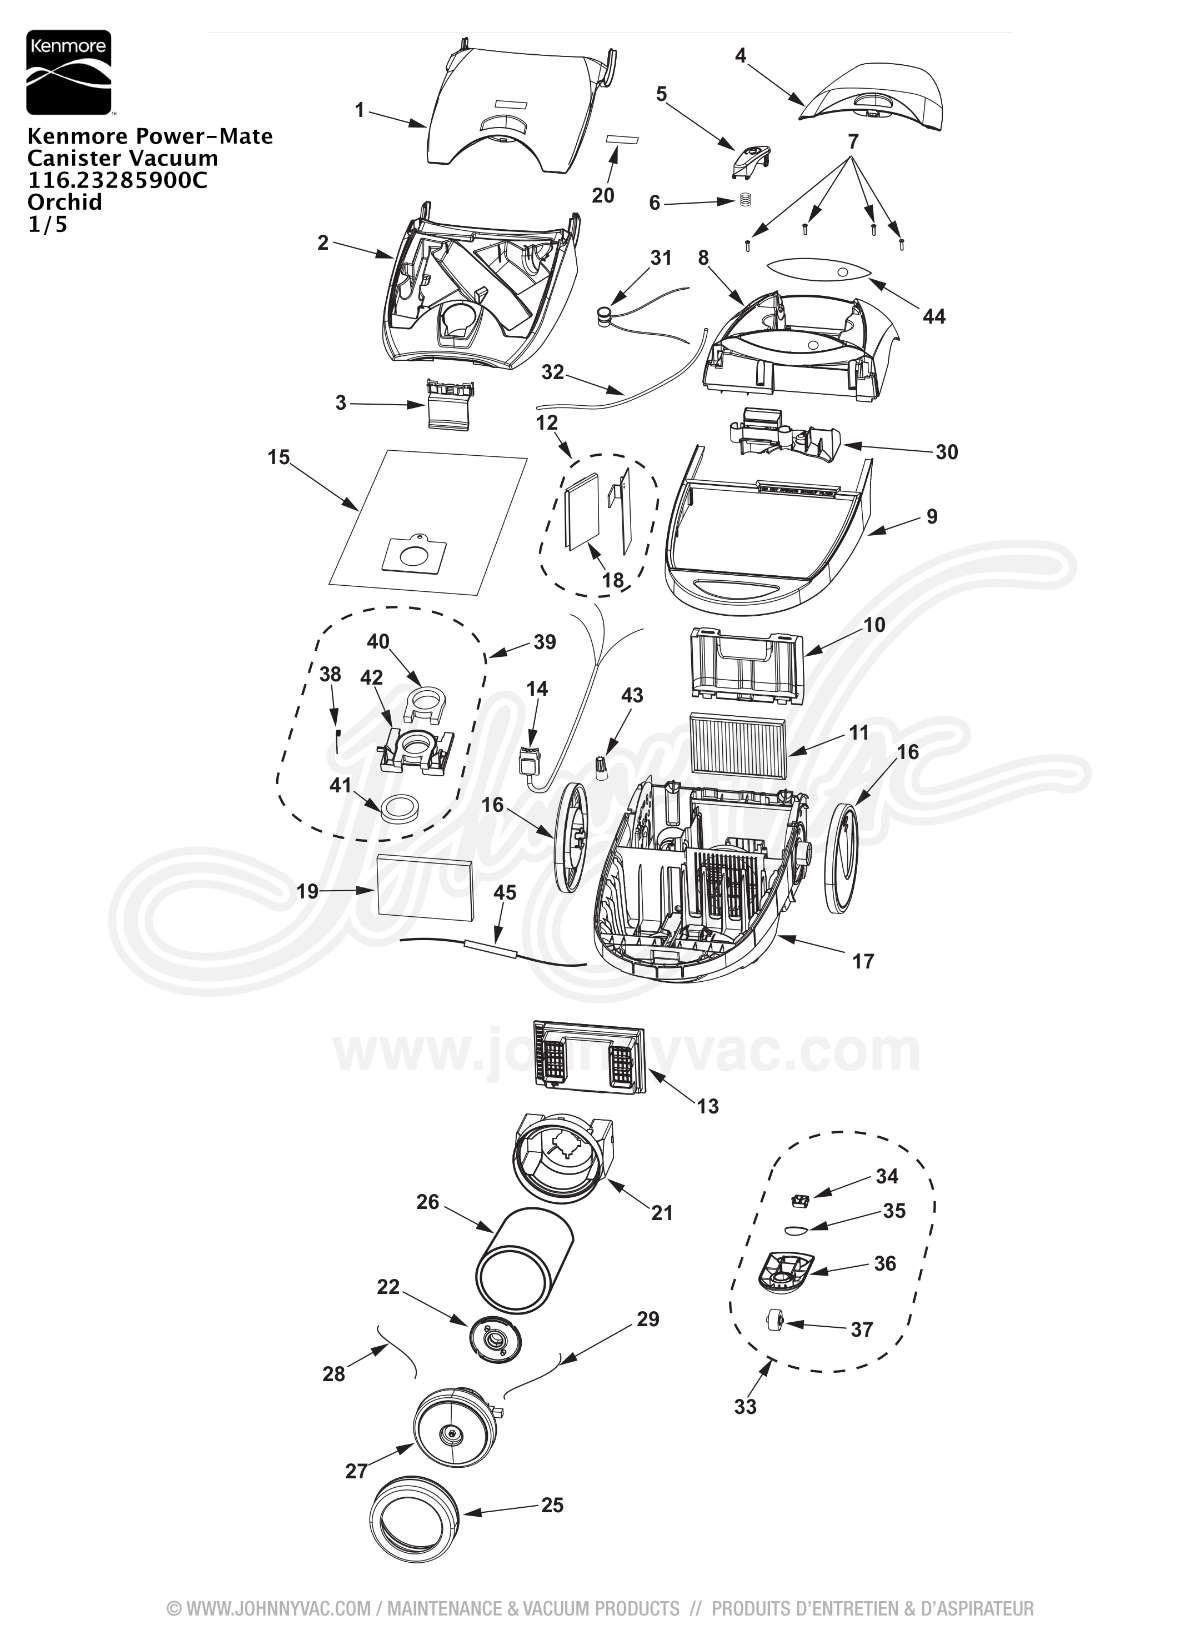 Wiring Diagram For Kenmore Vacuum